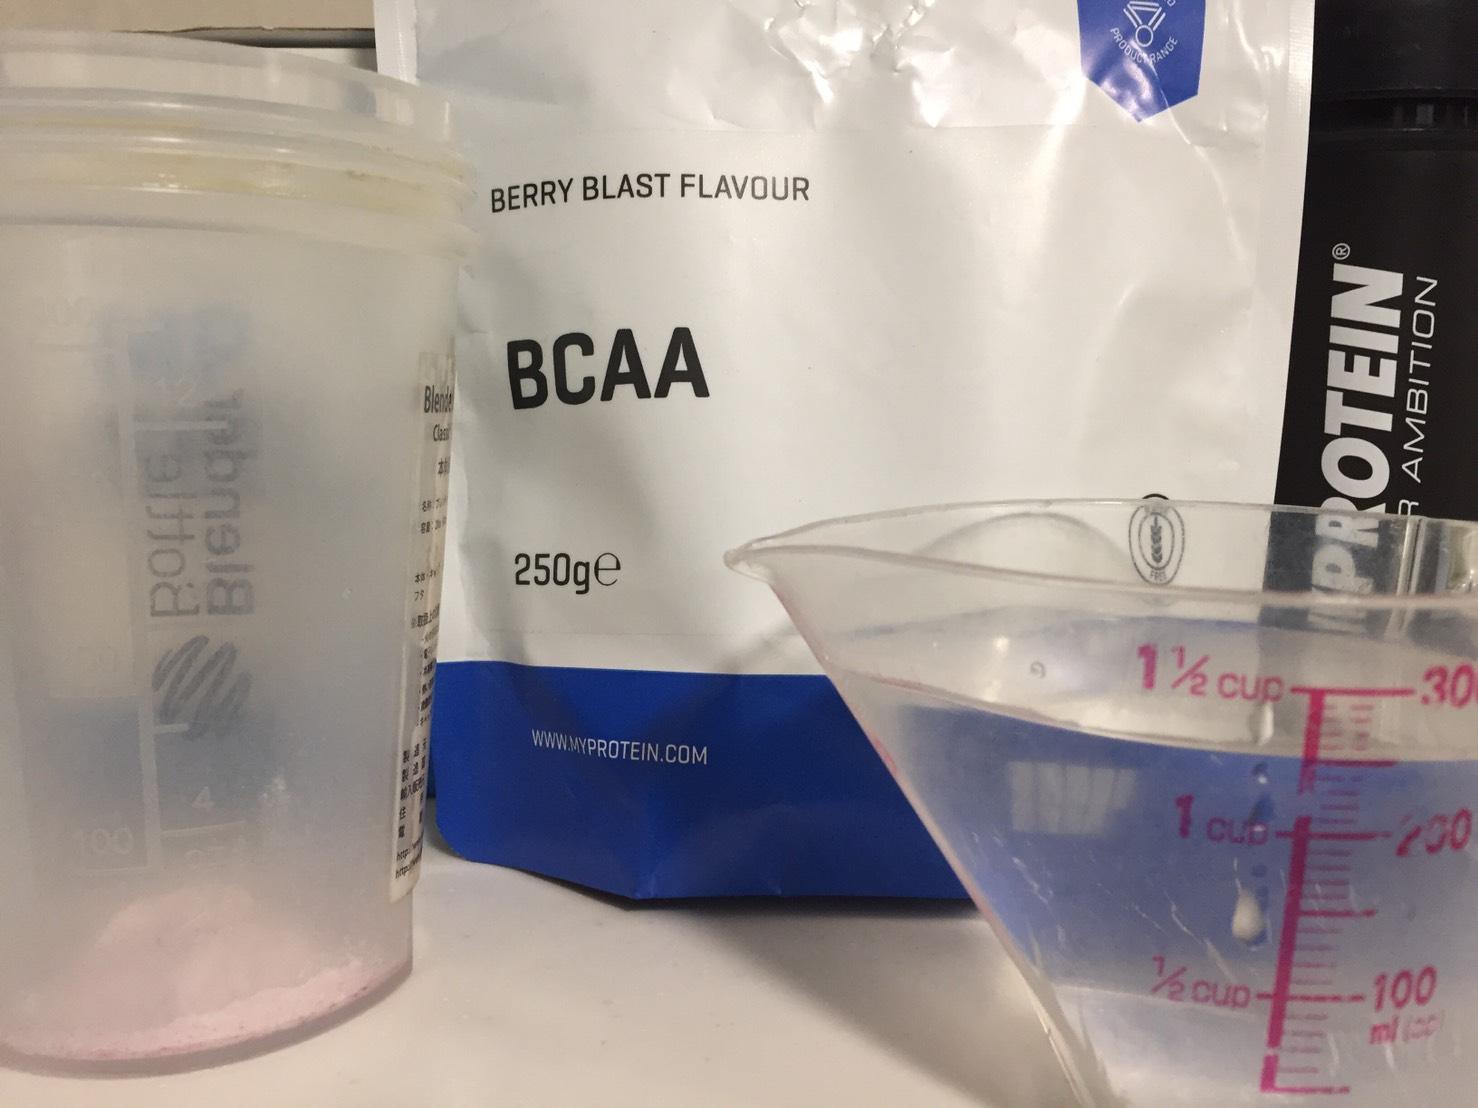 BCAA「ベリーブラスト味(BERRY BLAST FLAVOUR)」を250mlの水に溶かします。